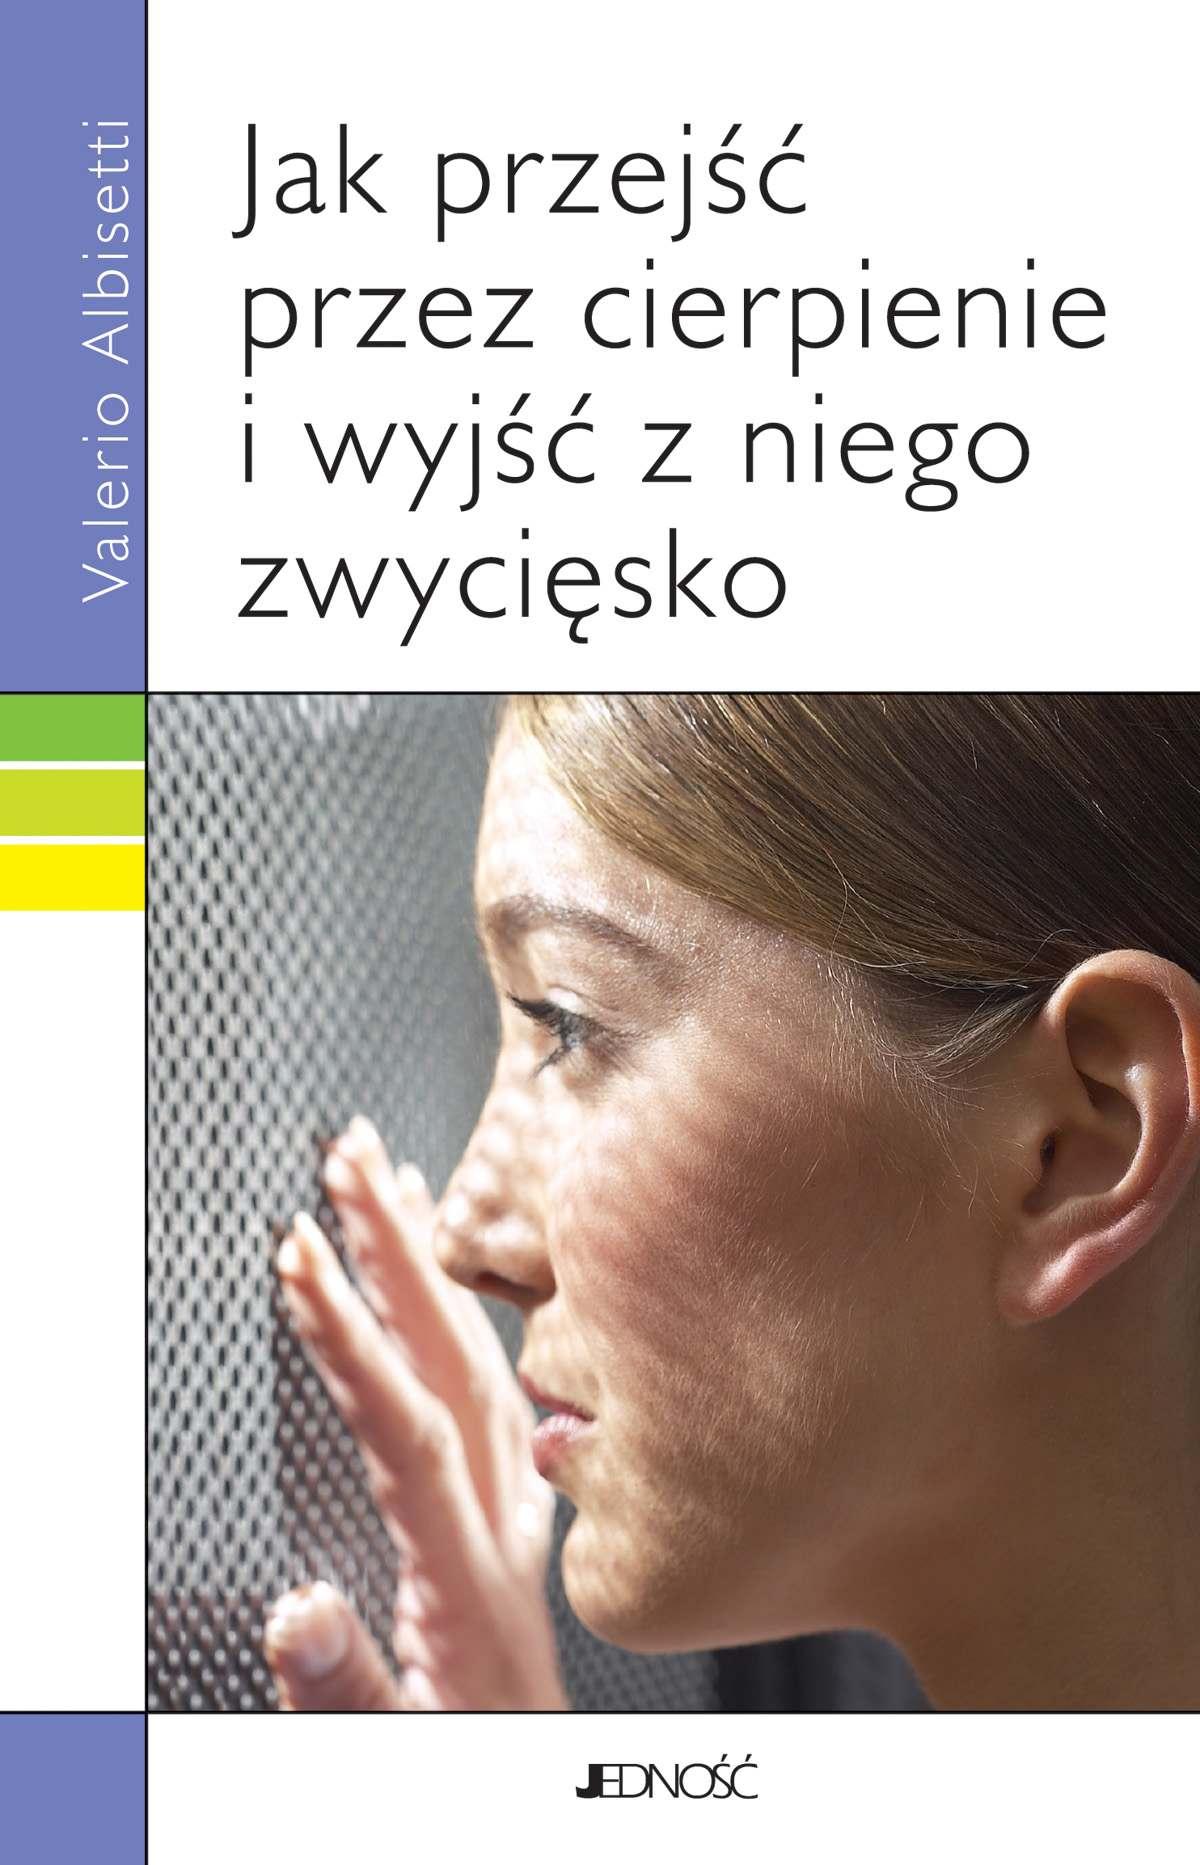 Jak przejść przez cierpienie i wyjść z niego zwycięsko. - Ebook (Książka na Kindle) do pobrania w formacie MOBI